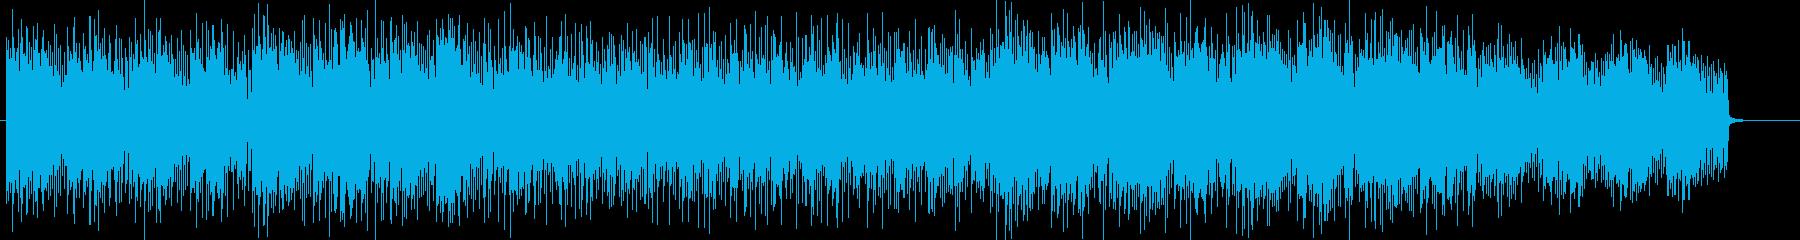 近未来感のあるエレクトロニカの再生済みの波形